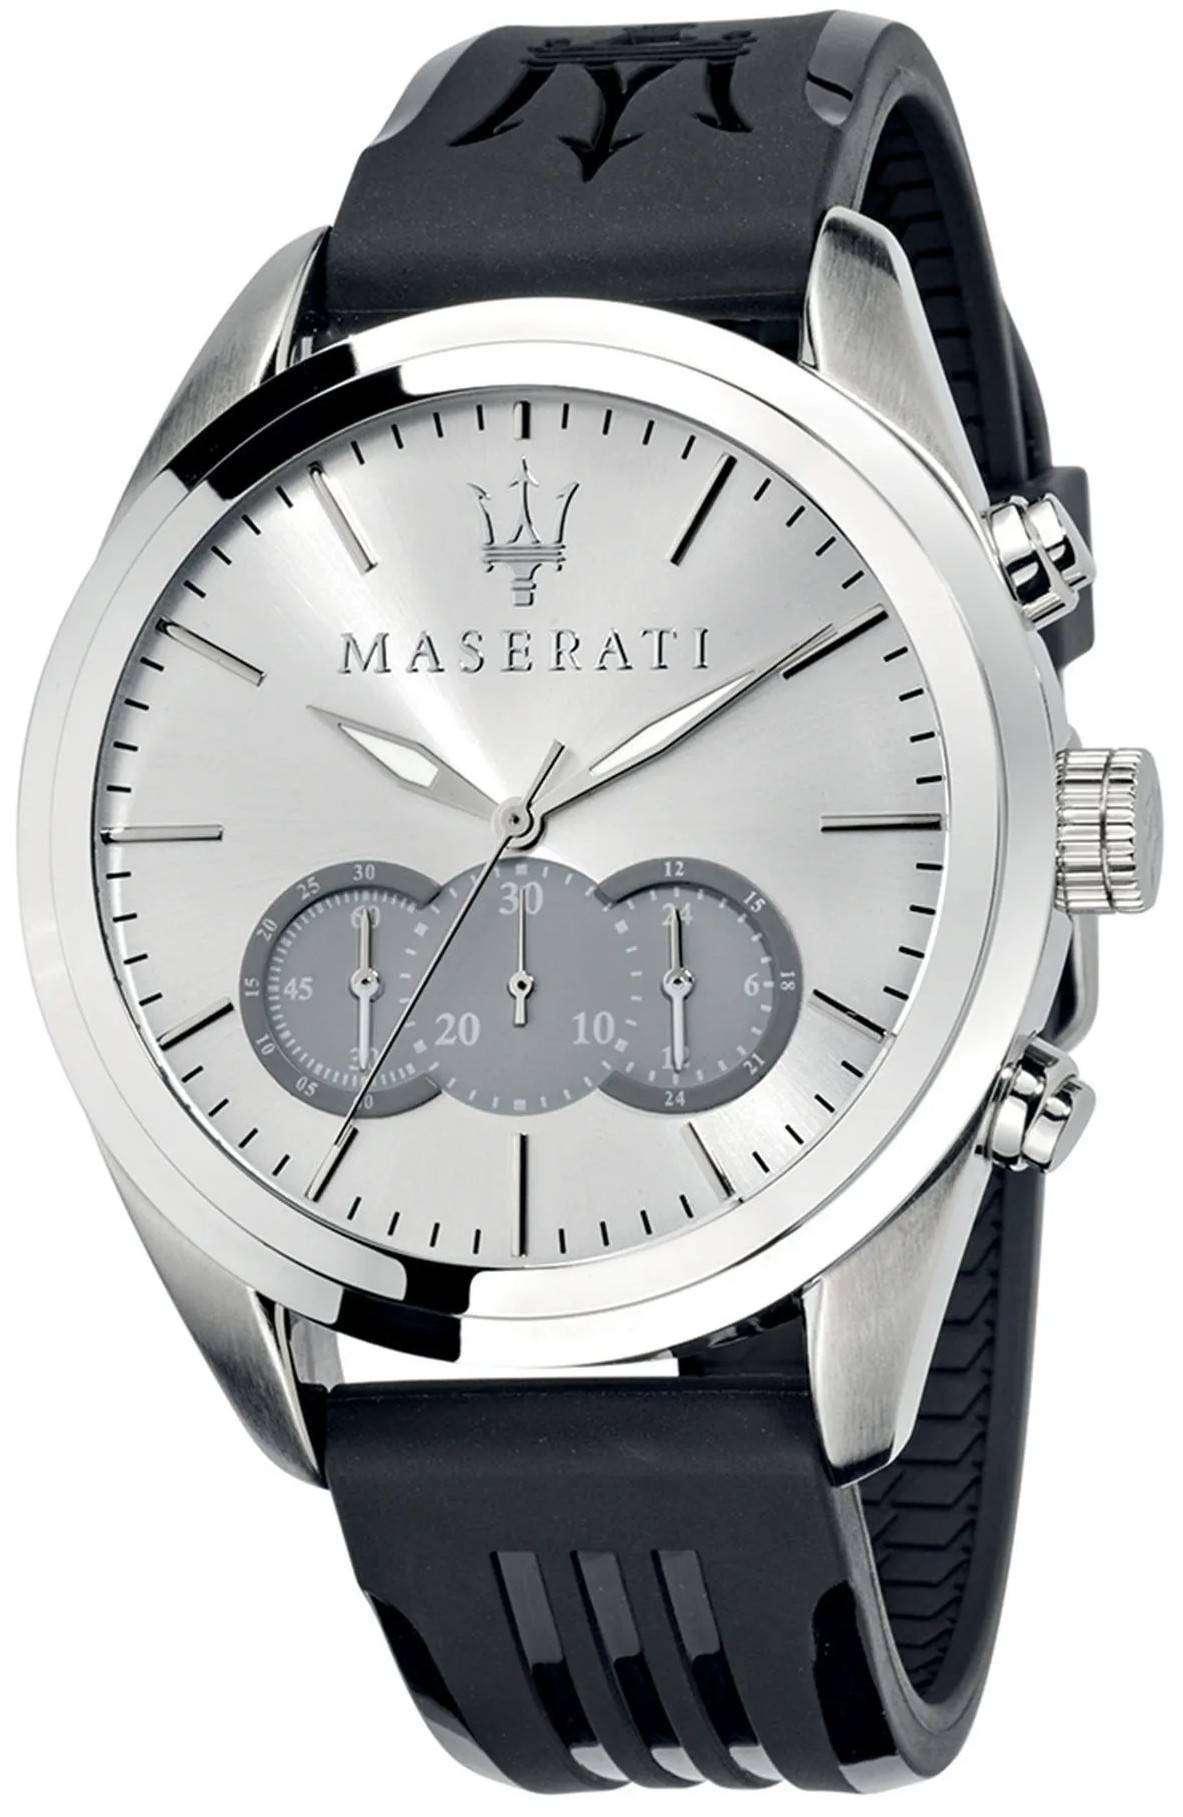 マセラティ Traguardo R8871612012 クロノグラフ クォーツ メンズ腕時計